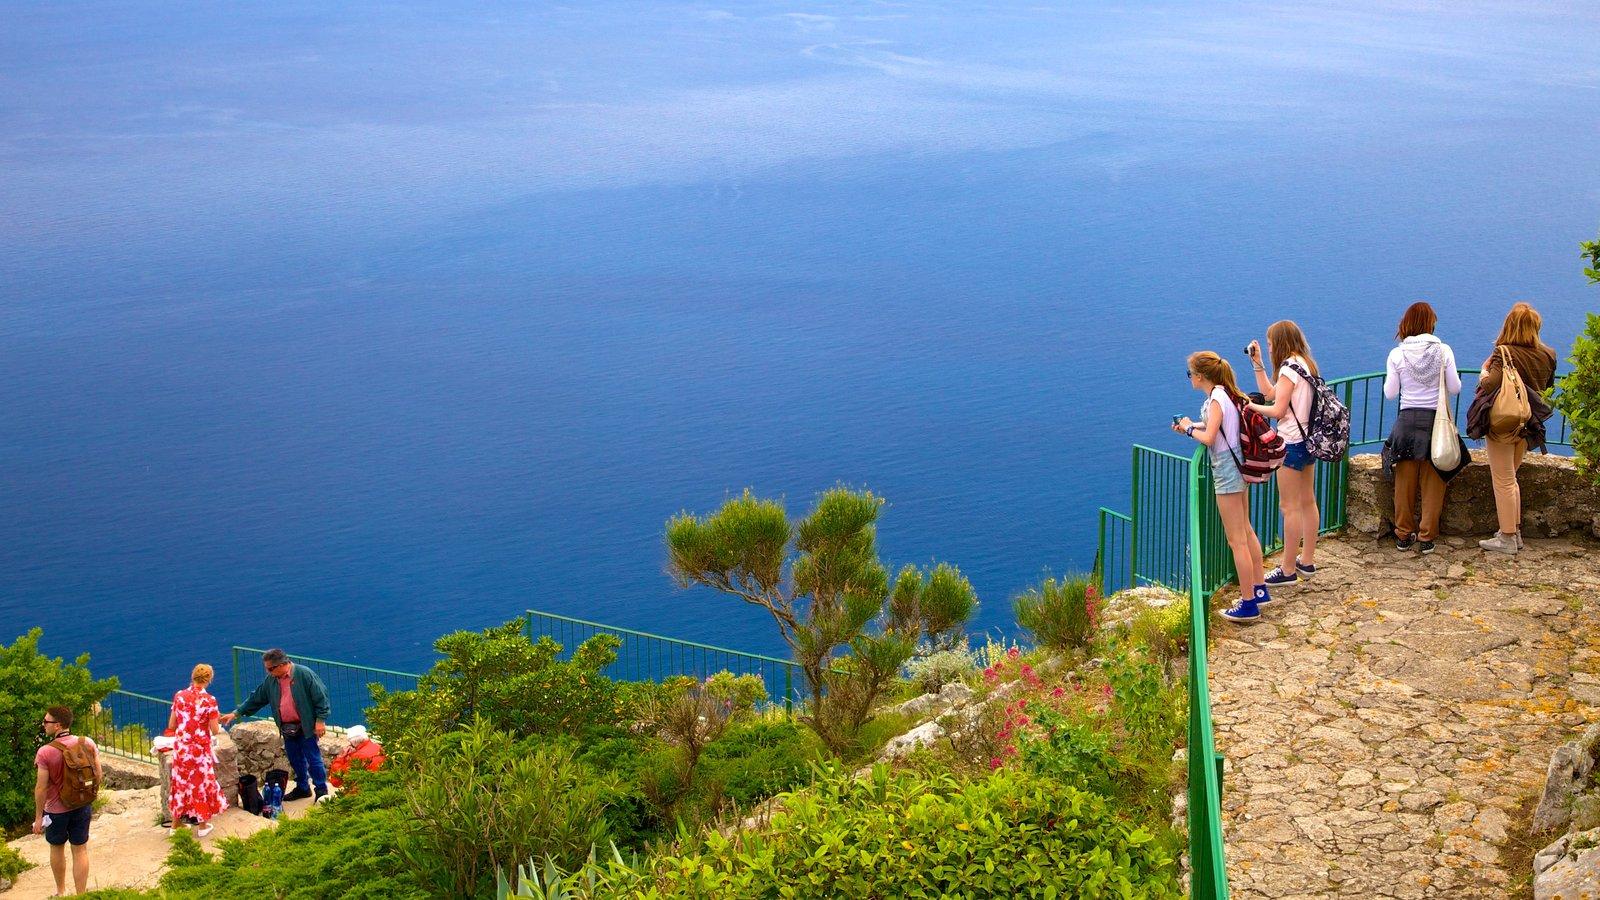 Monte Solaro que inclui uma baía ou porto, escalada ou caminhada e paisagens